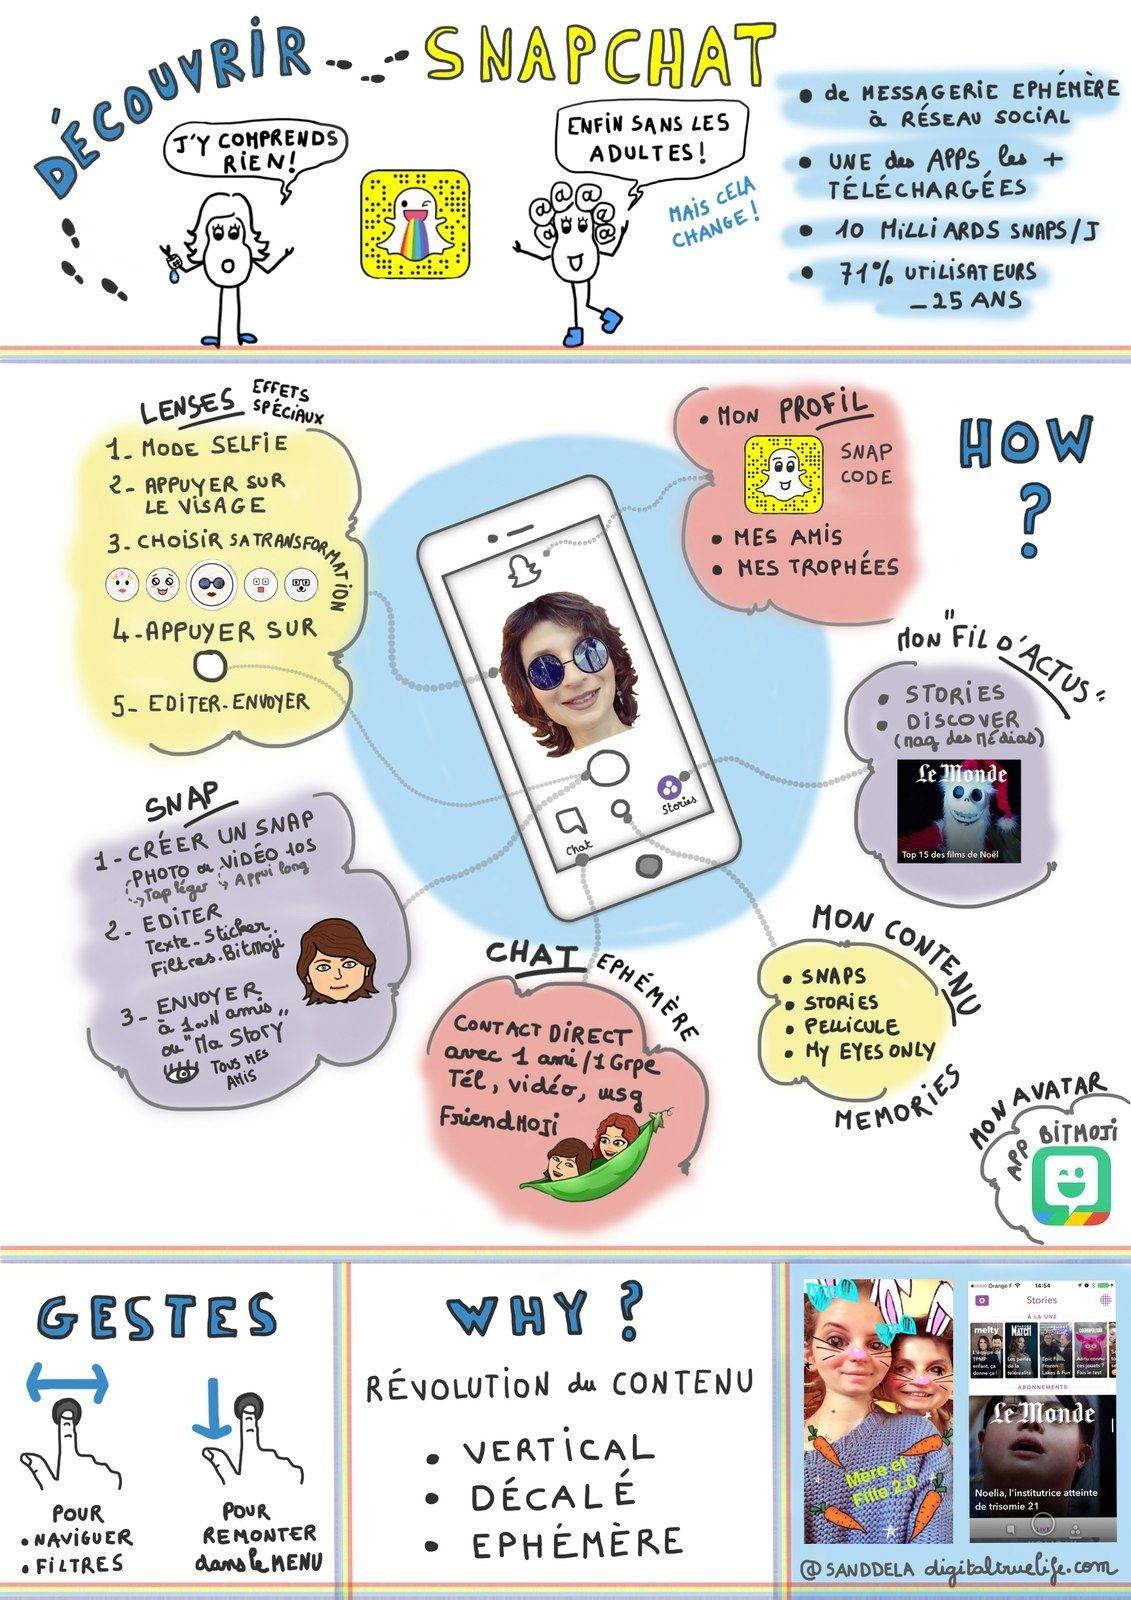 Snapchat En 1 Dessin Ou Presque Socialmedia Citoyennete